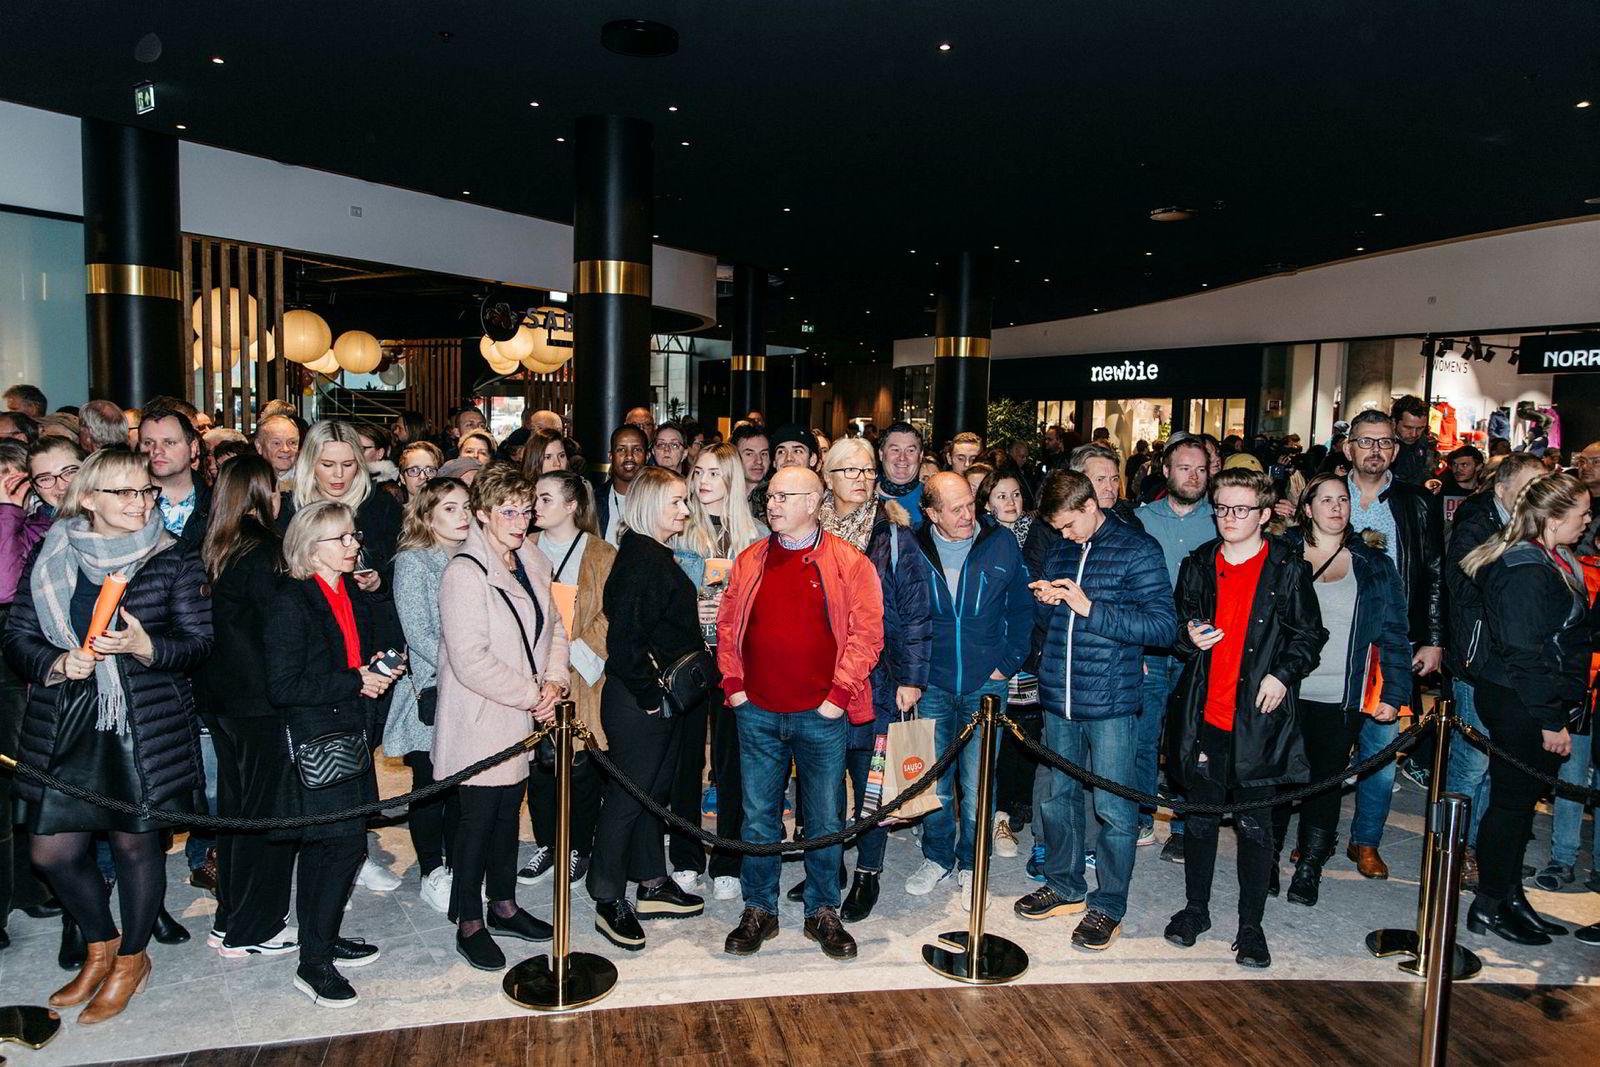 Publikum har samlet seg for å se på åpningen. Olav Thon åpnet i dag et av landets største kjøpesentre på Moa utenfor Ålesund.